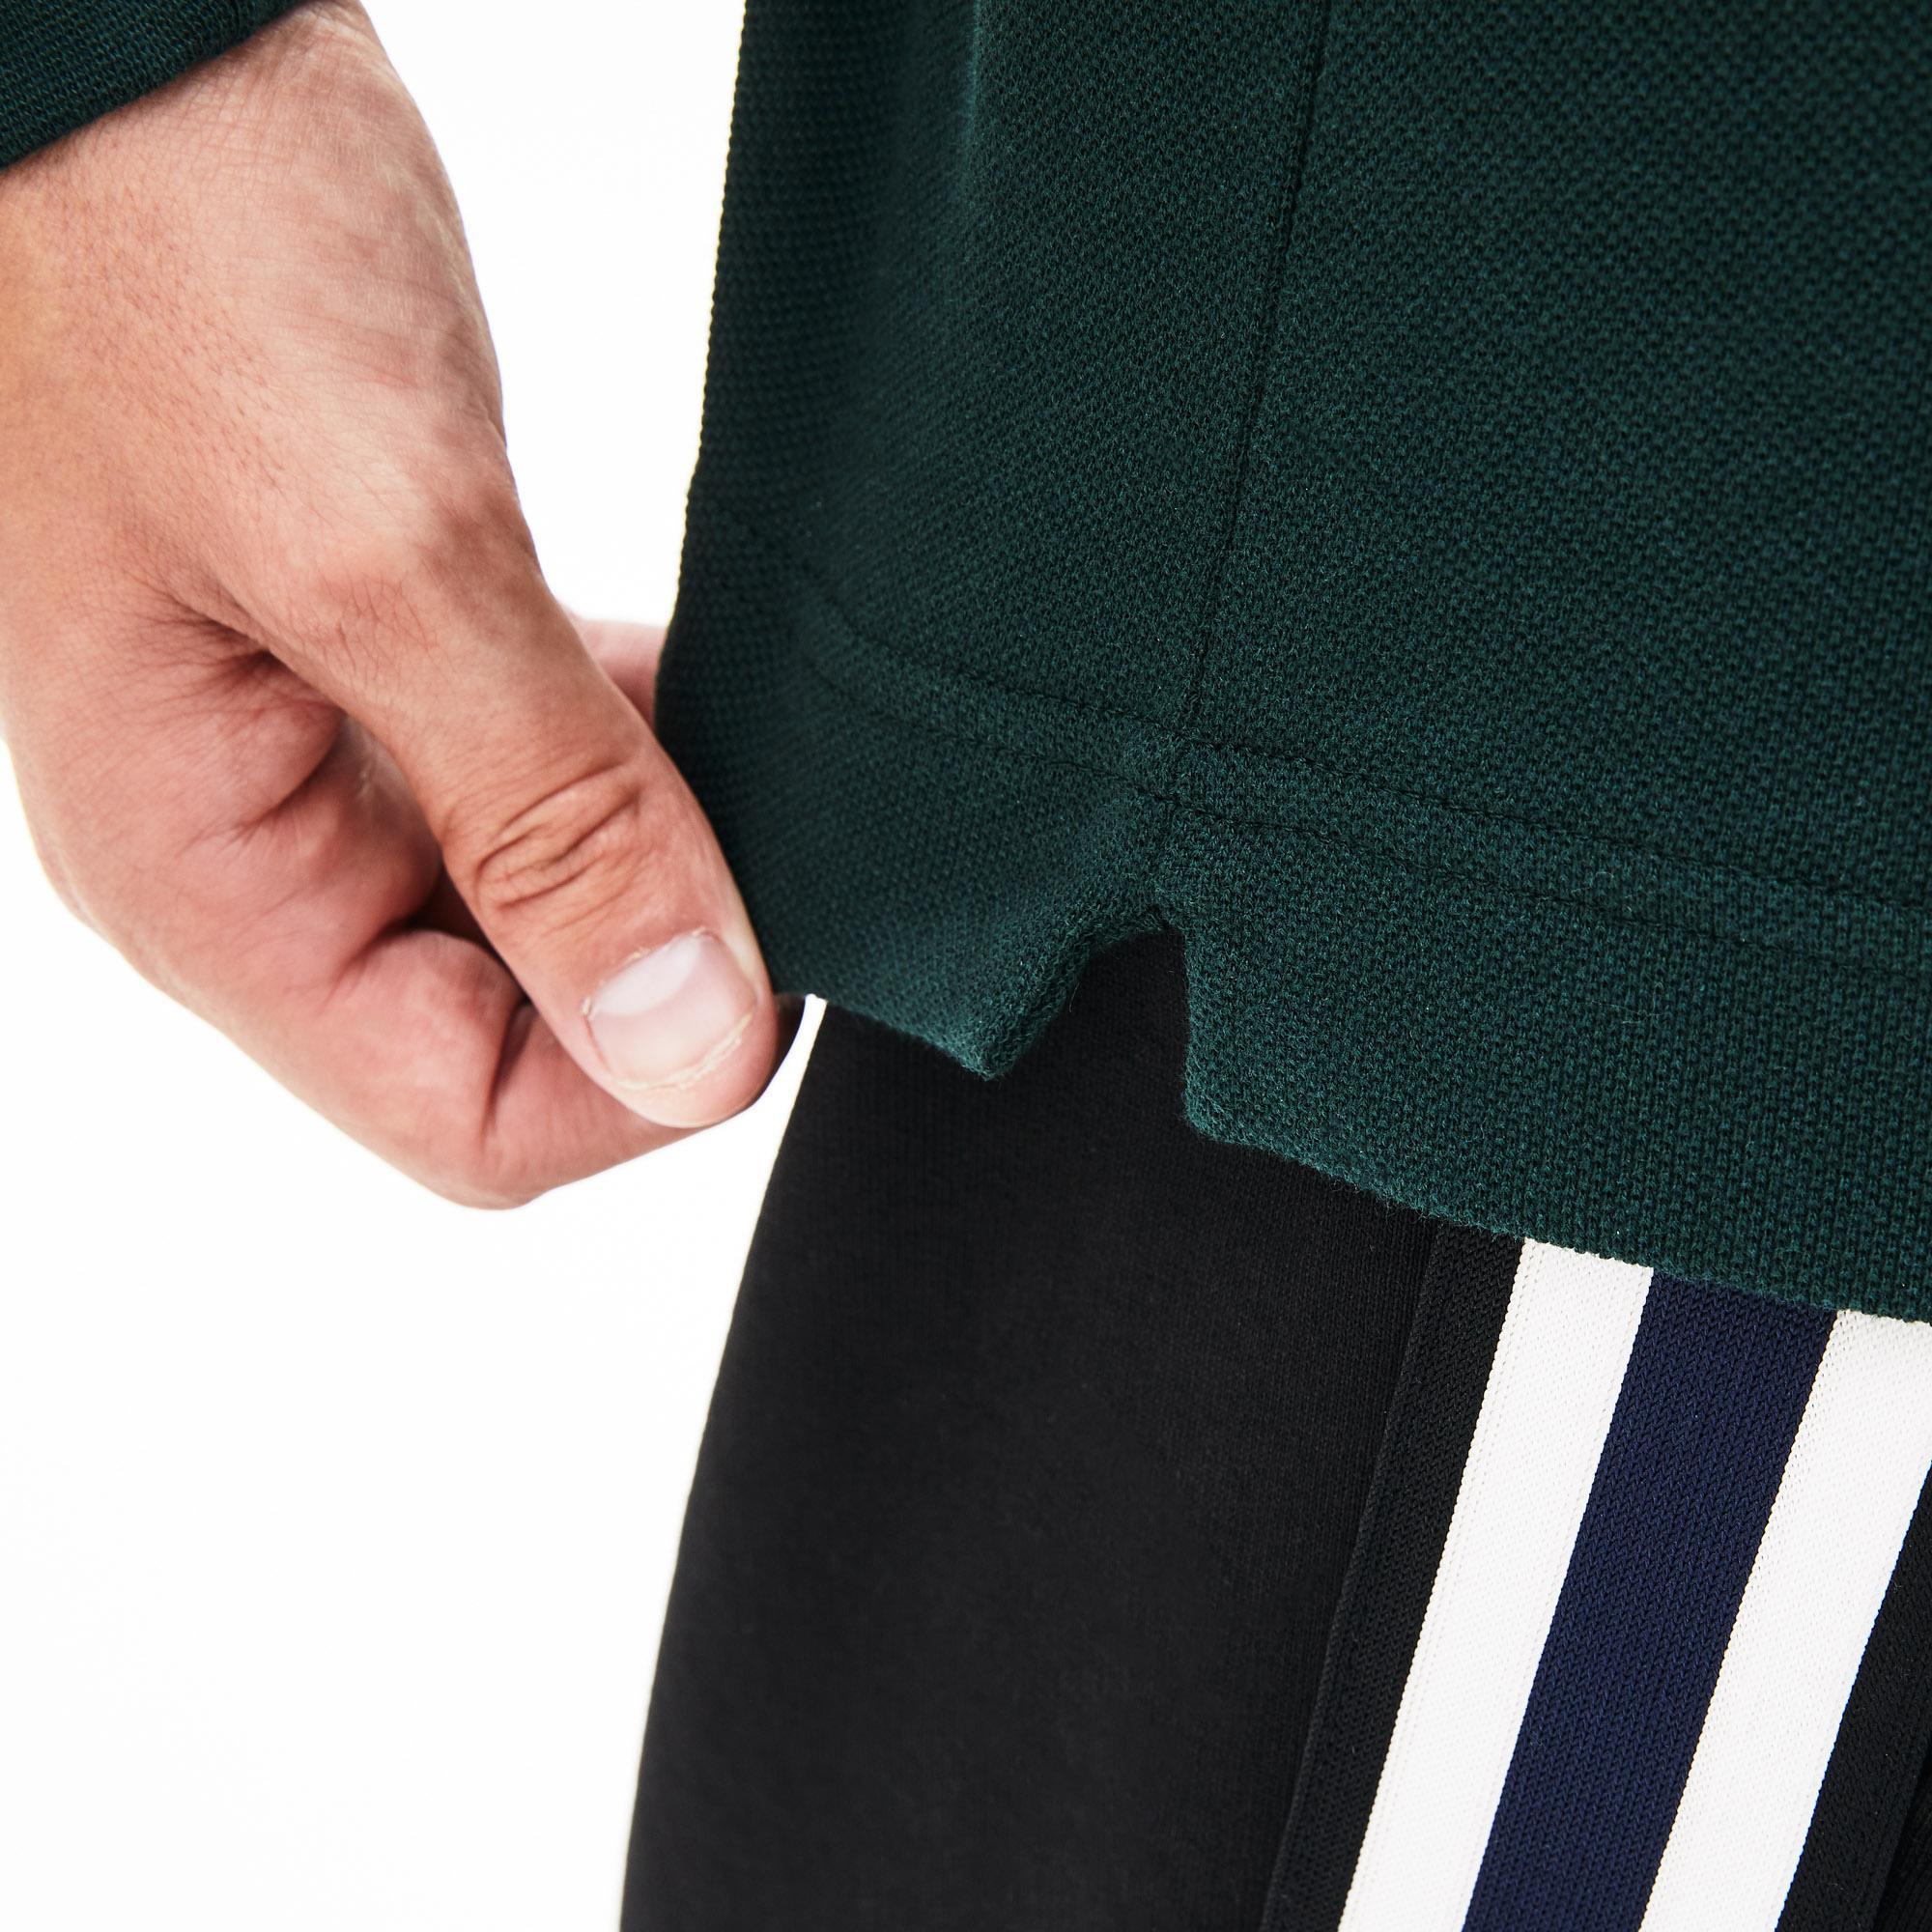 Lacoste Men's Slim Fit Petit Piqué Polo Shirt